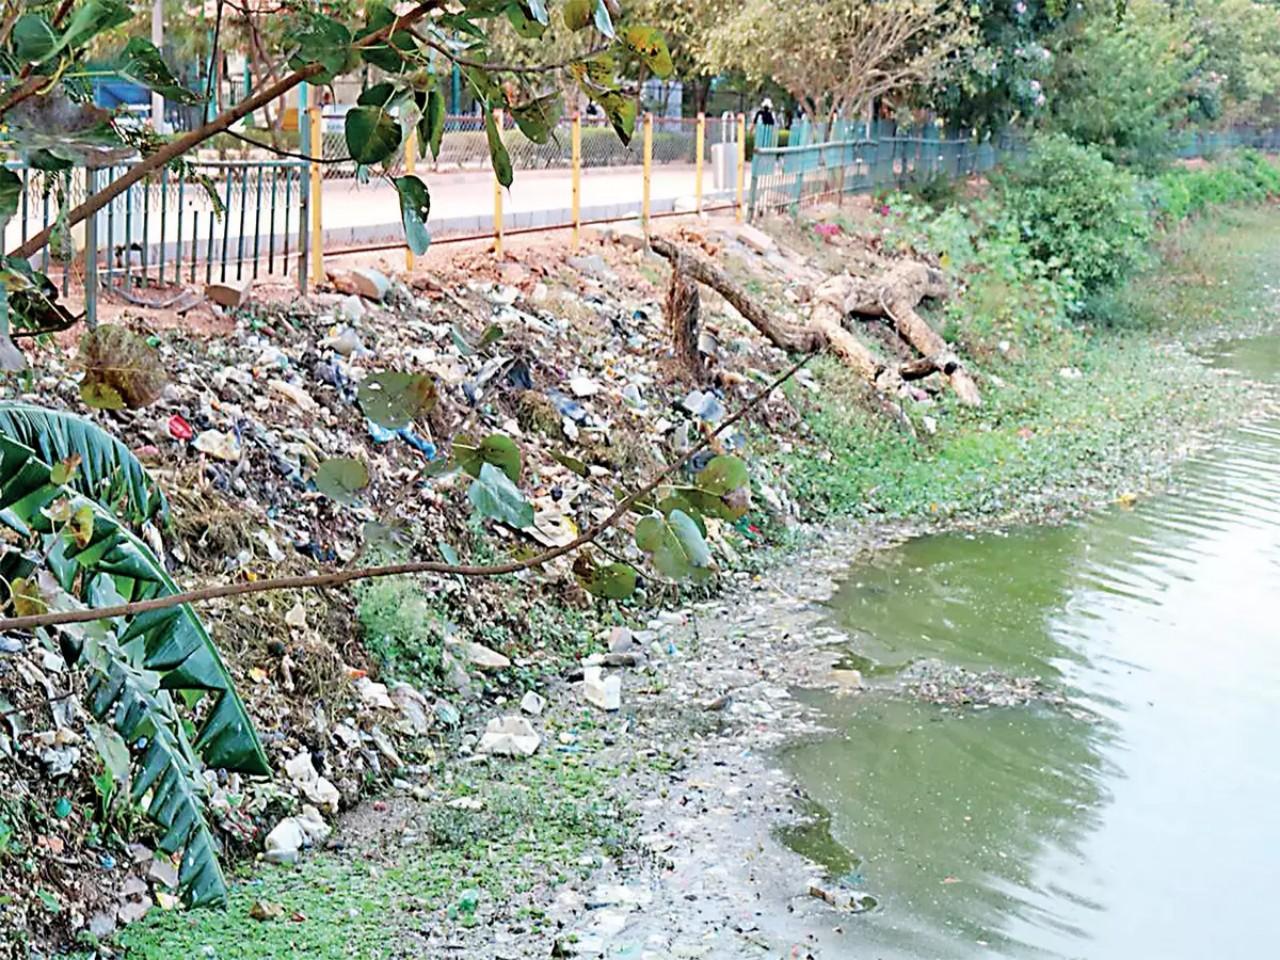 Ulsoor lake in Bengaluru turns into garbage bin